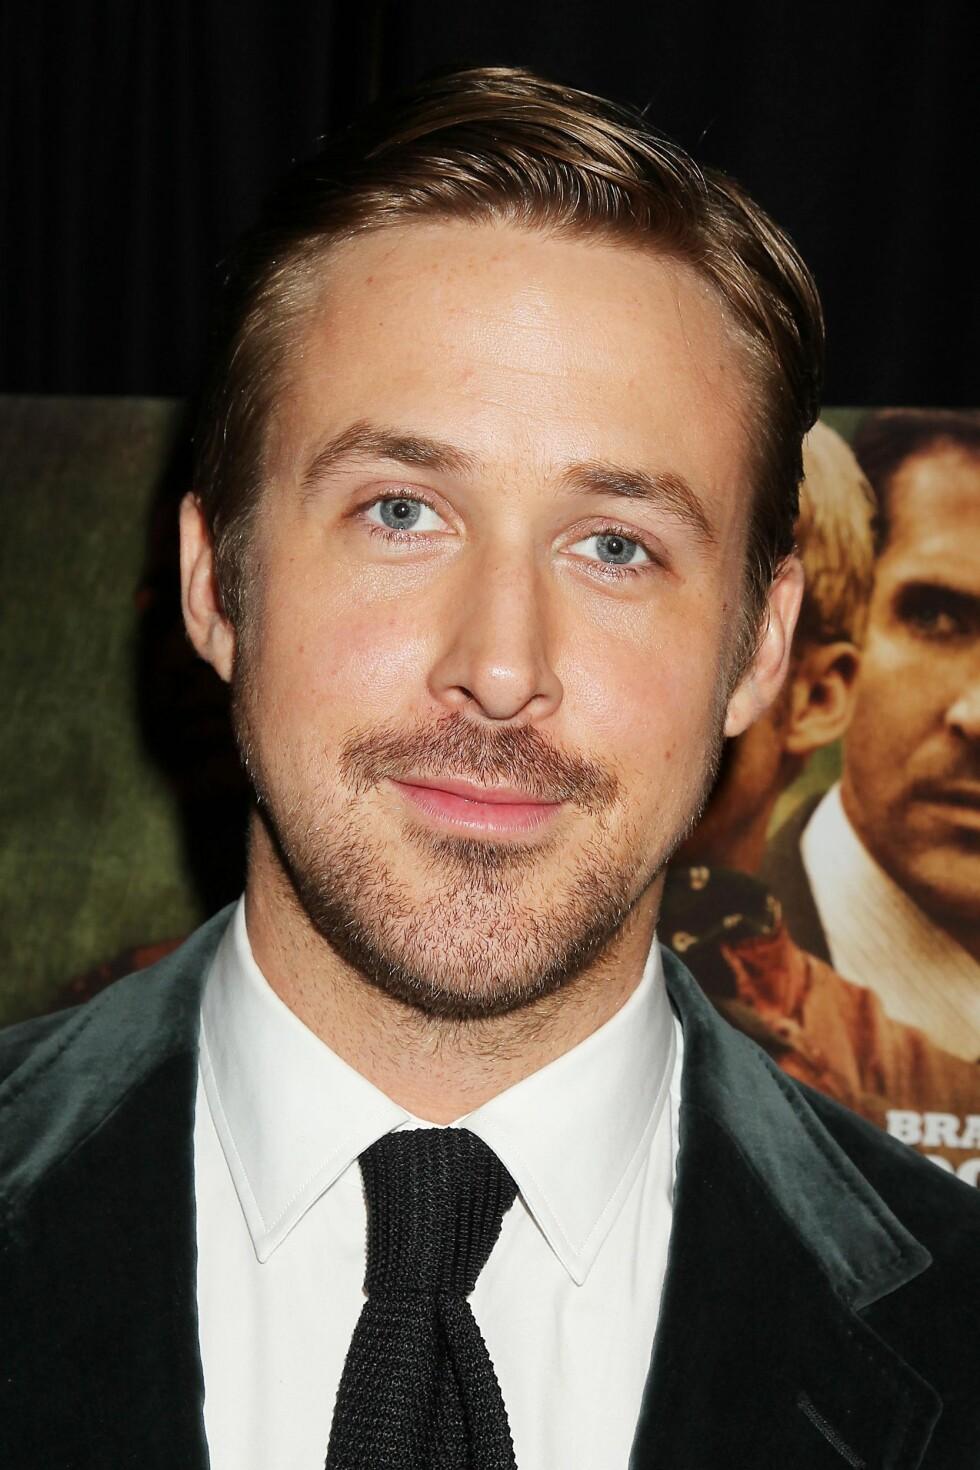 KJEKKAS: Ryan Gosling er en av de mest ettertraktede kjendisene i Hollywood.  Foto: ALL OVER PRESS